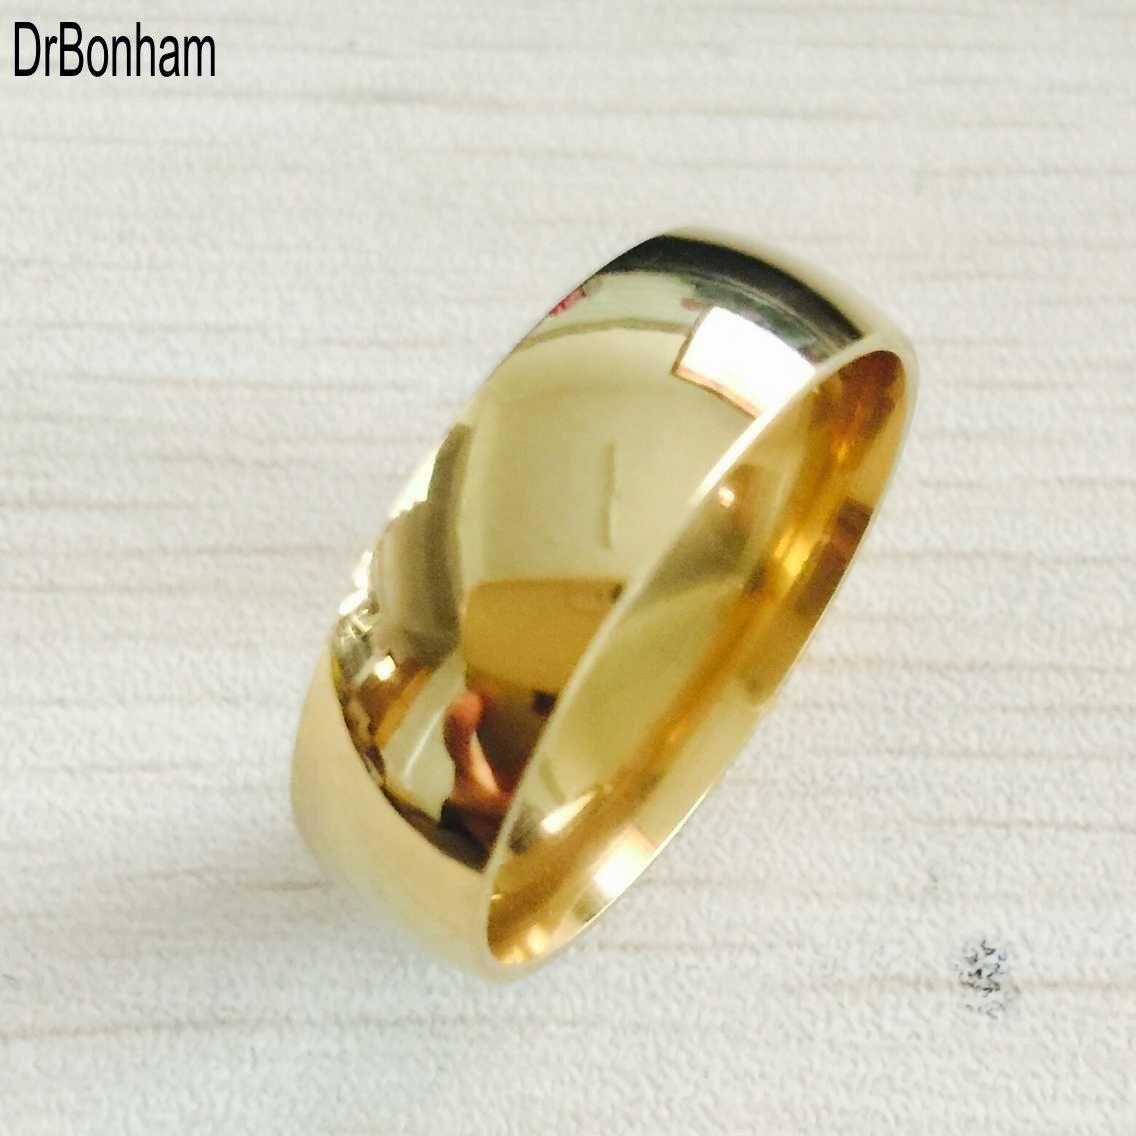 클래식 넓은 8mm 남자 웨딩 골드 반지 진짜 18K 골드 316L 티타늄 손가락 반지 남성을 위해 채워 결코 미국 페이딩 미국 크기 6-14